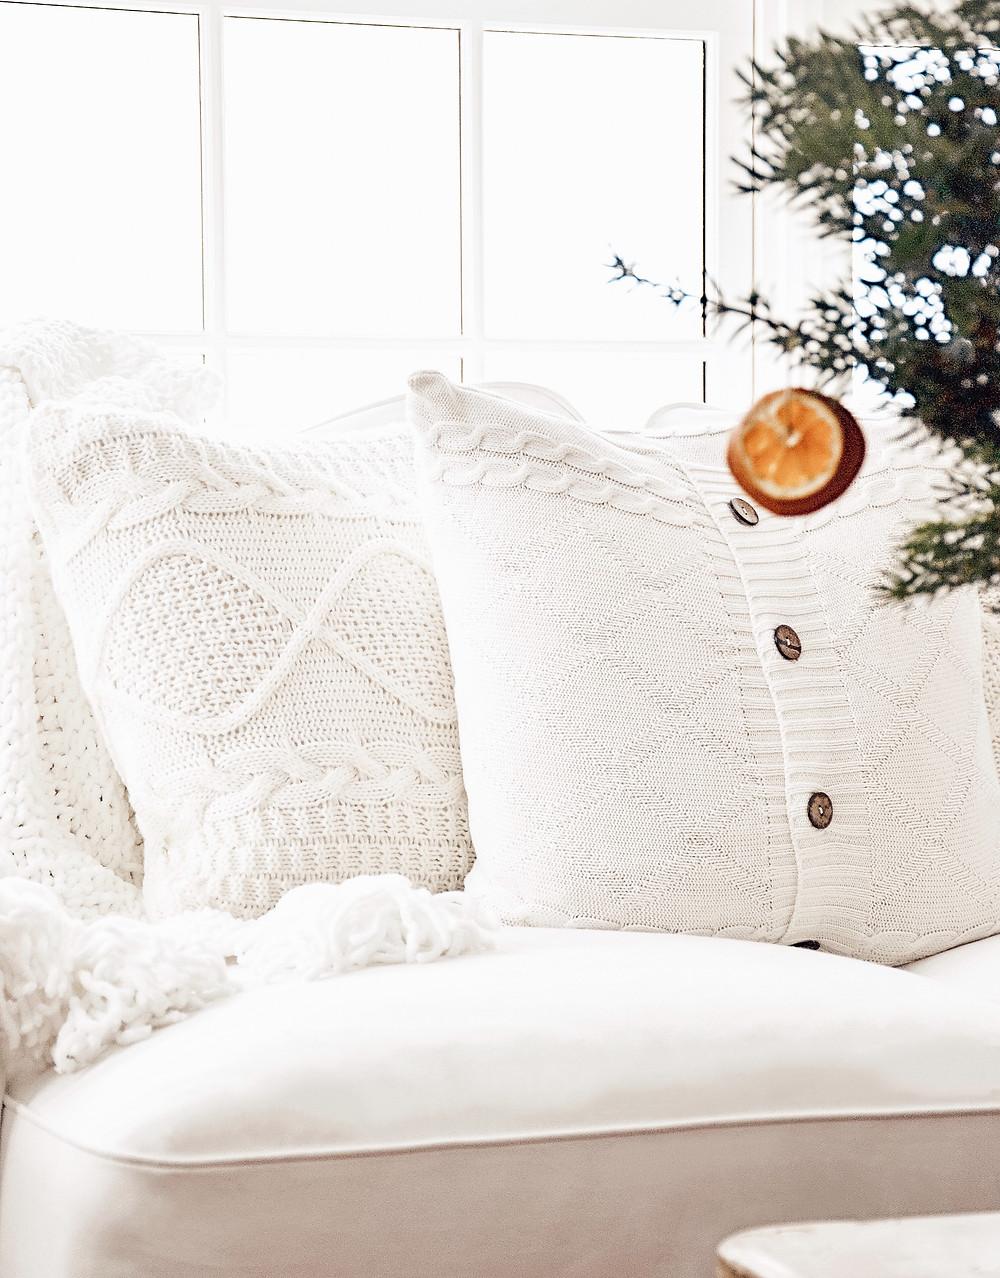 Simple Winter White Decor in the Sunroom.